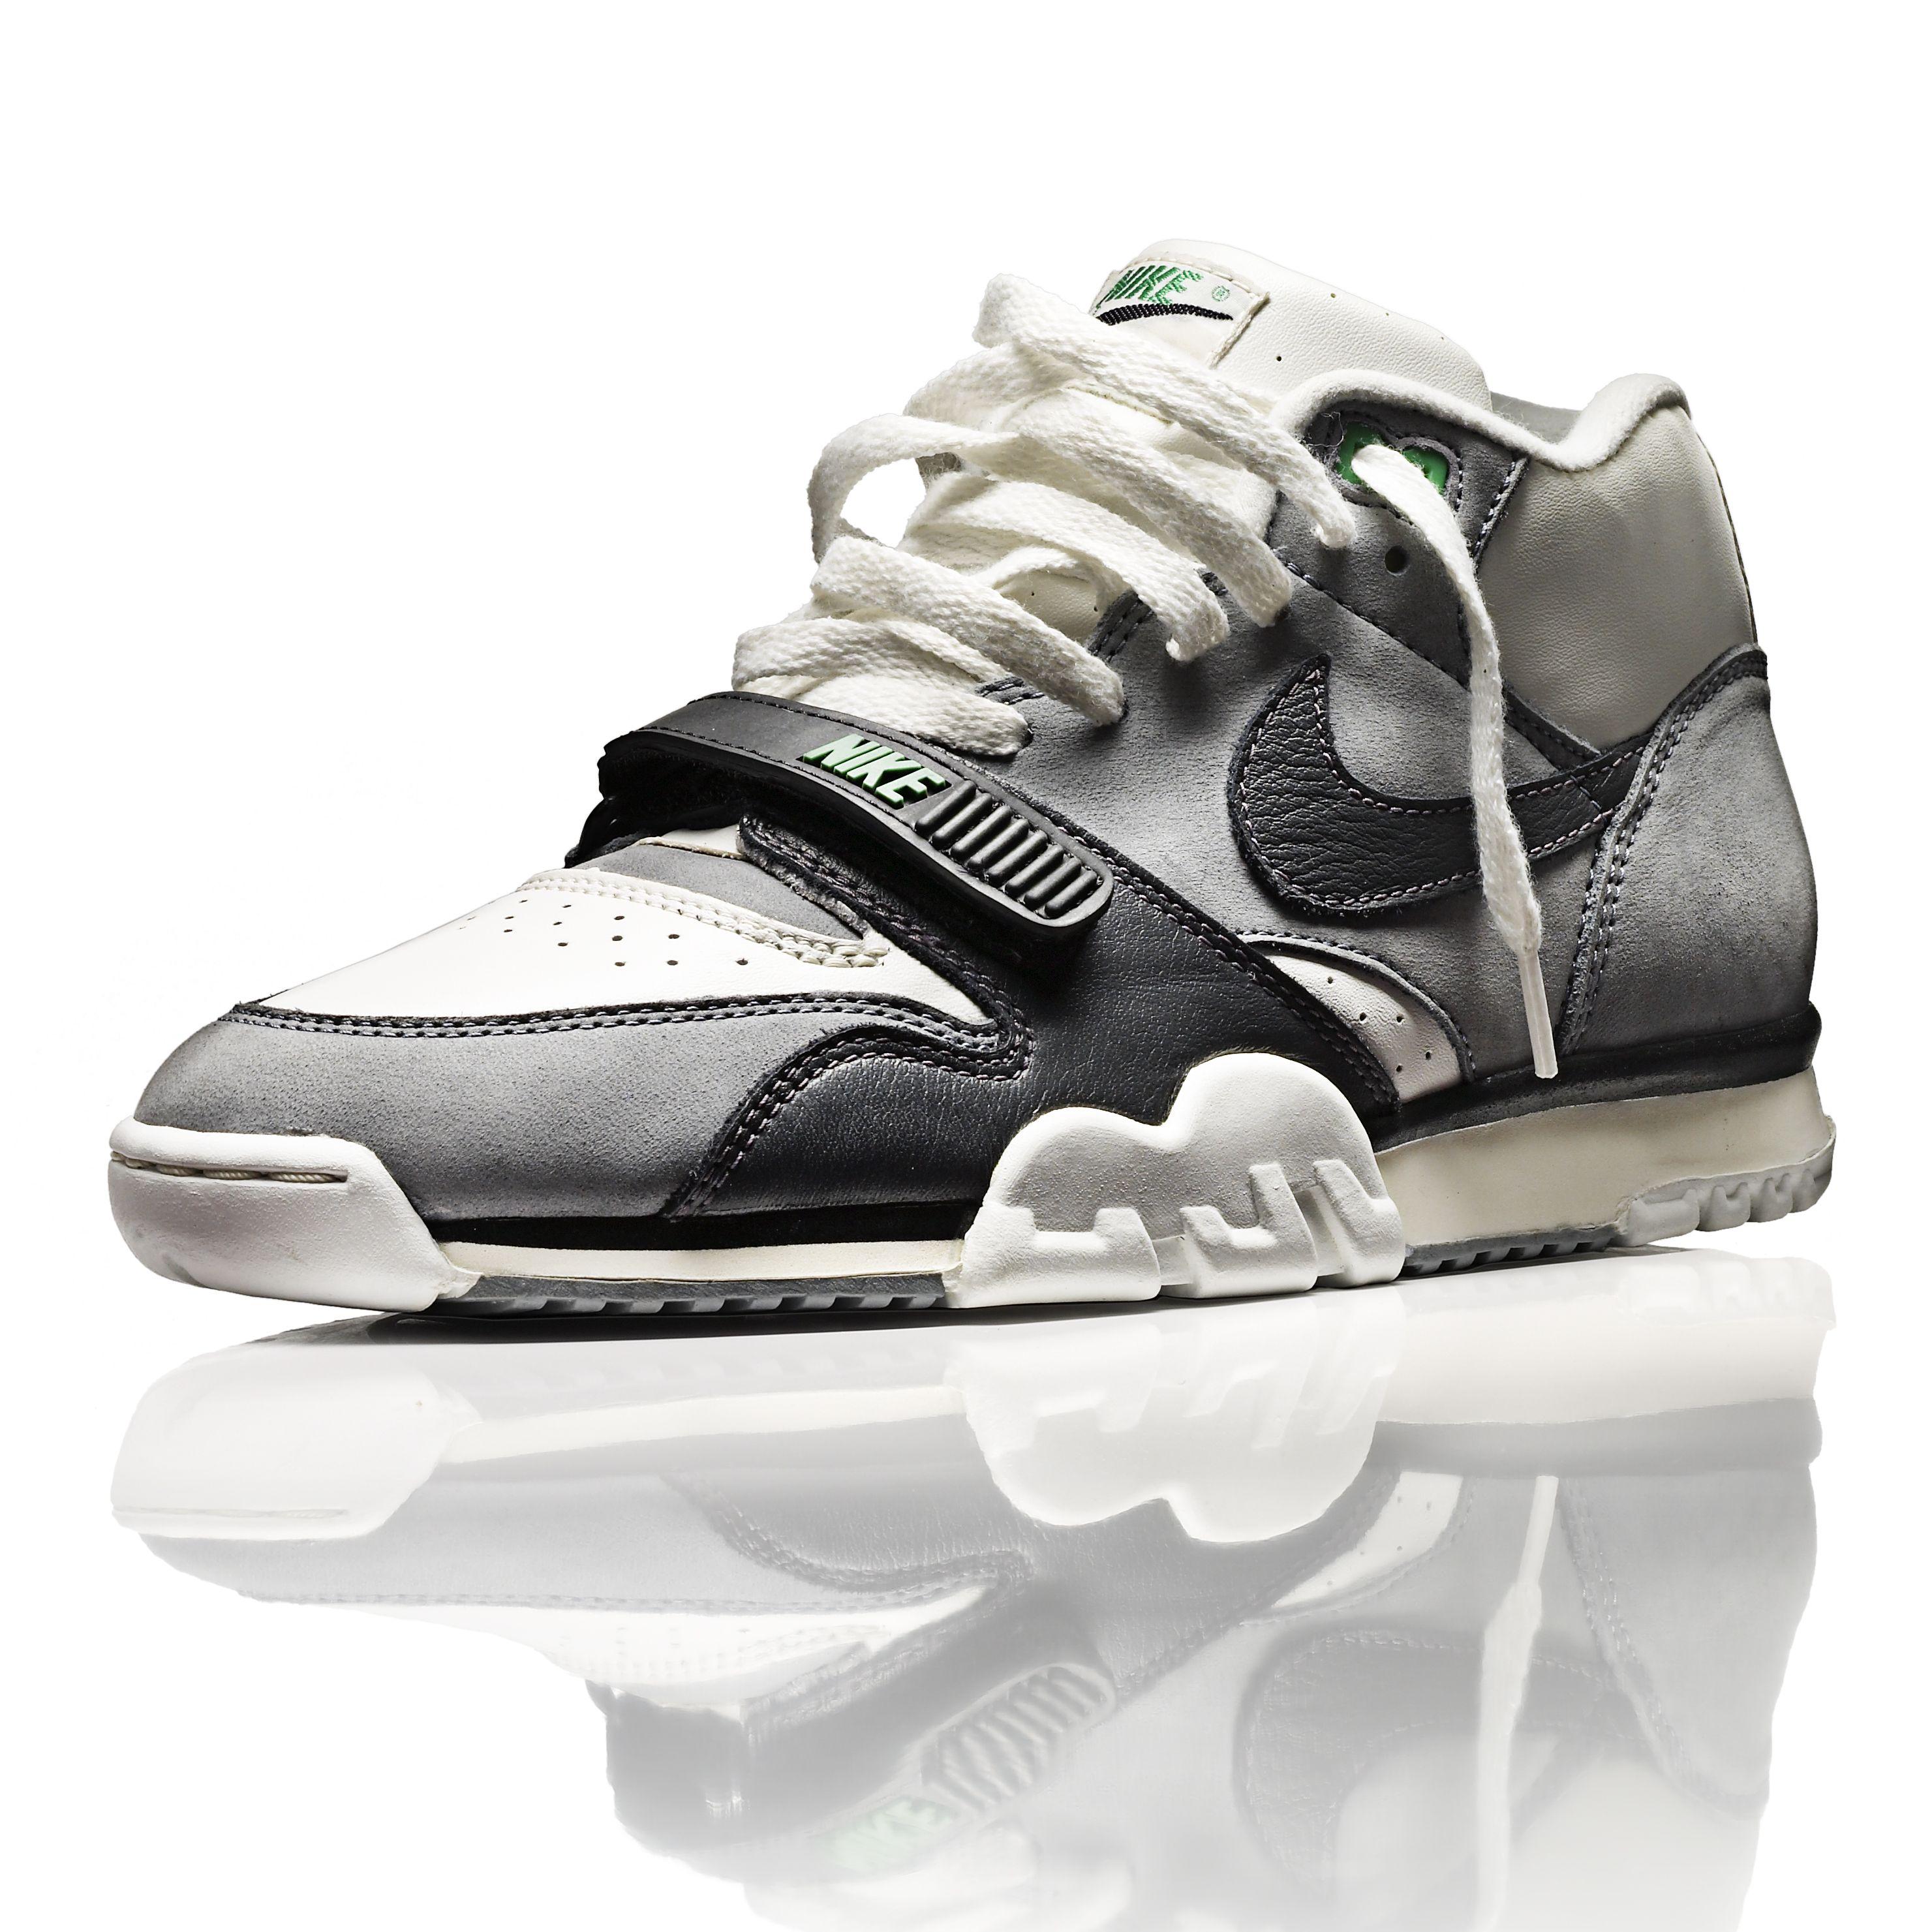 Zapatos de entrenamiento Nike Air Trainer Sc II Premium para hombre de la Cruz zNN7W